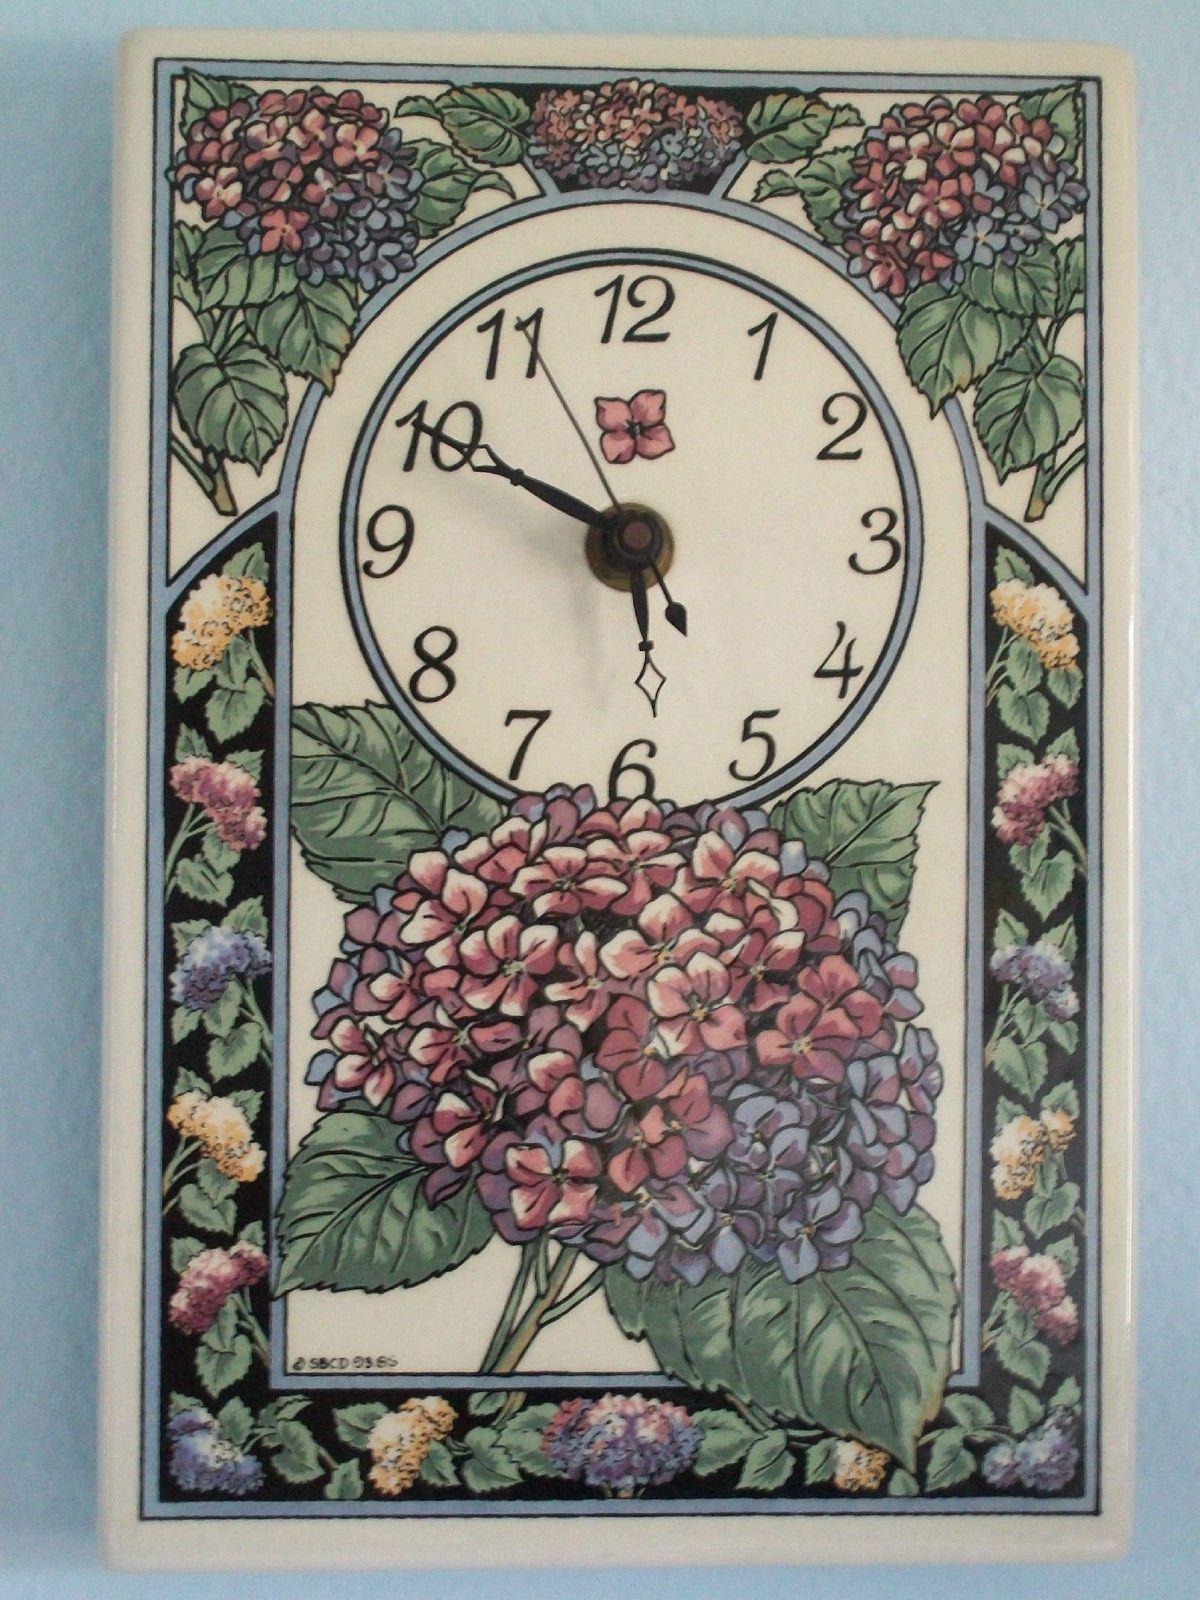 Santa Barbara Ceramic Design Tile Wall Clock Flowers